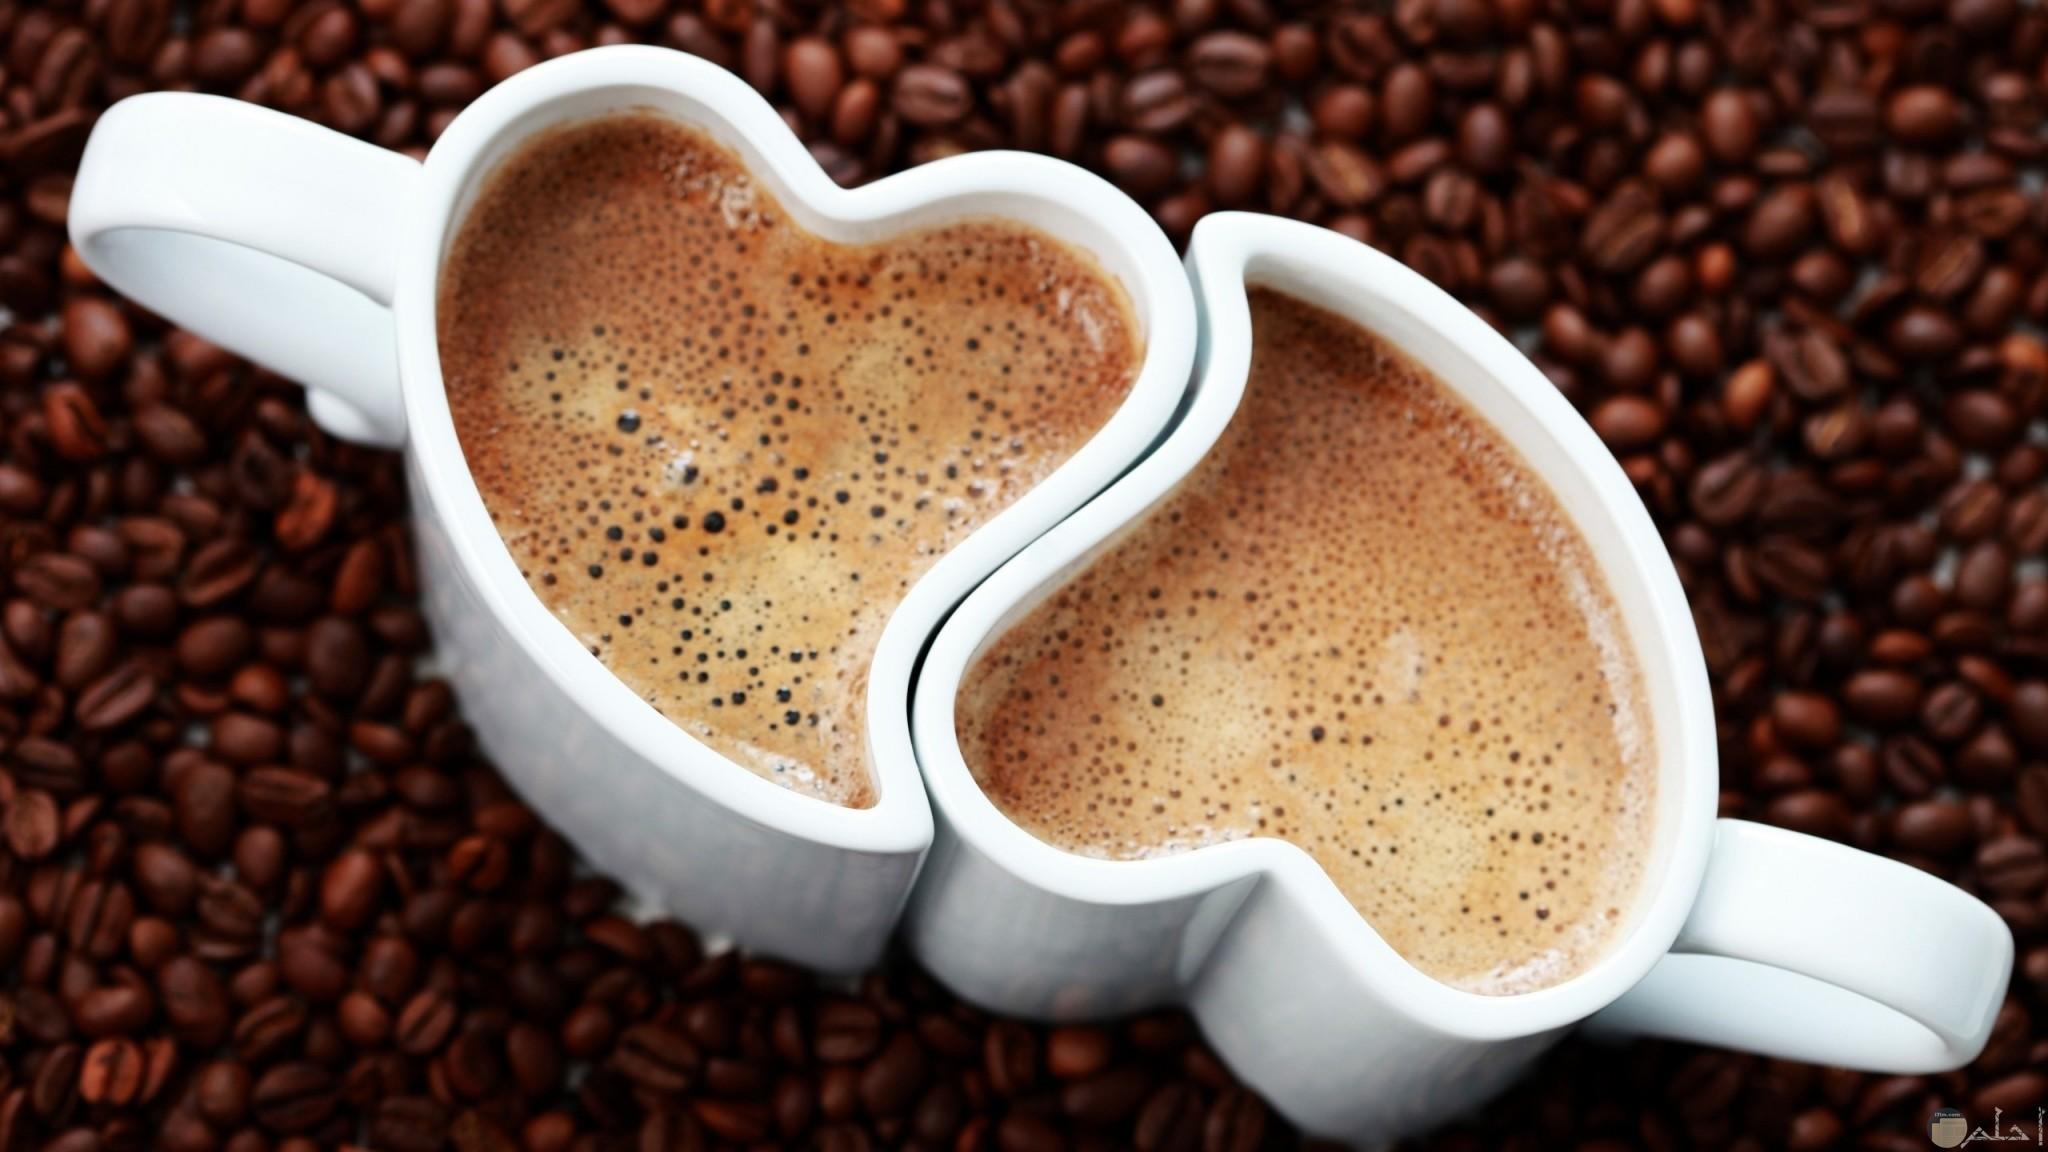 مجين بهم قهوه لون ابيض رسمه قلوب